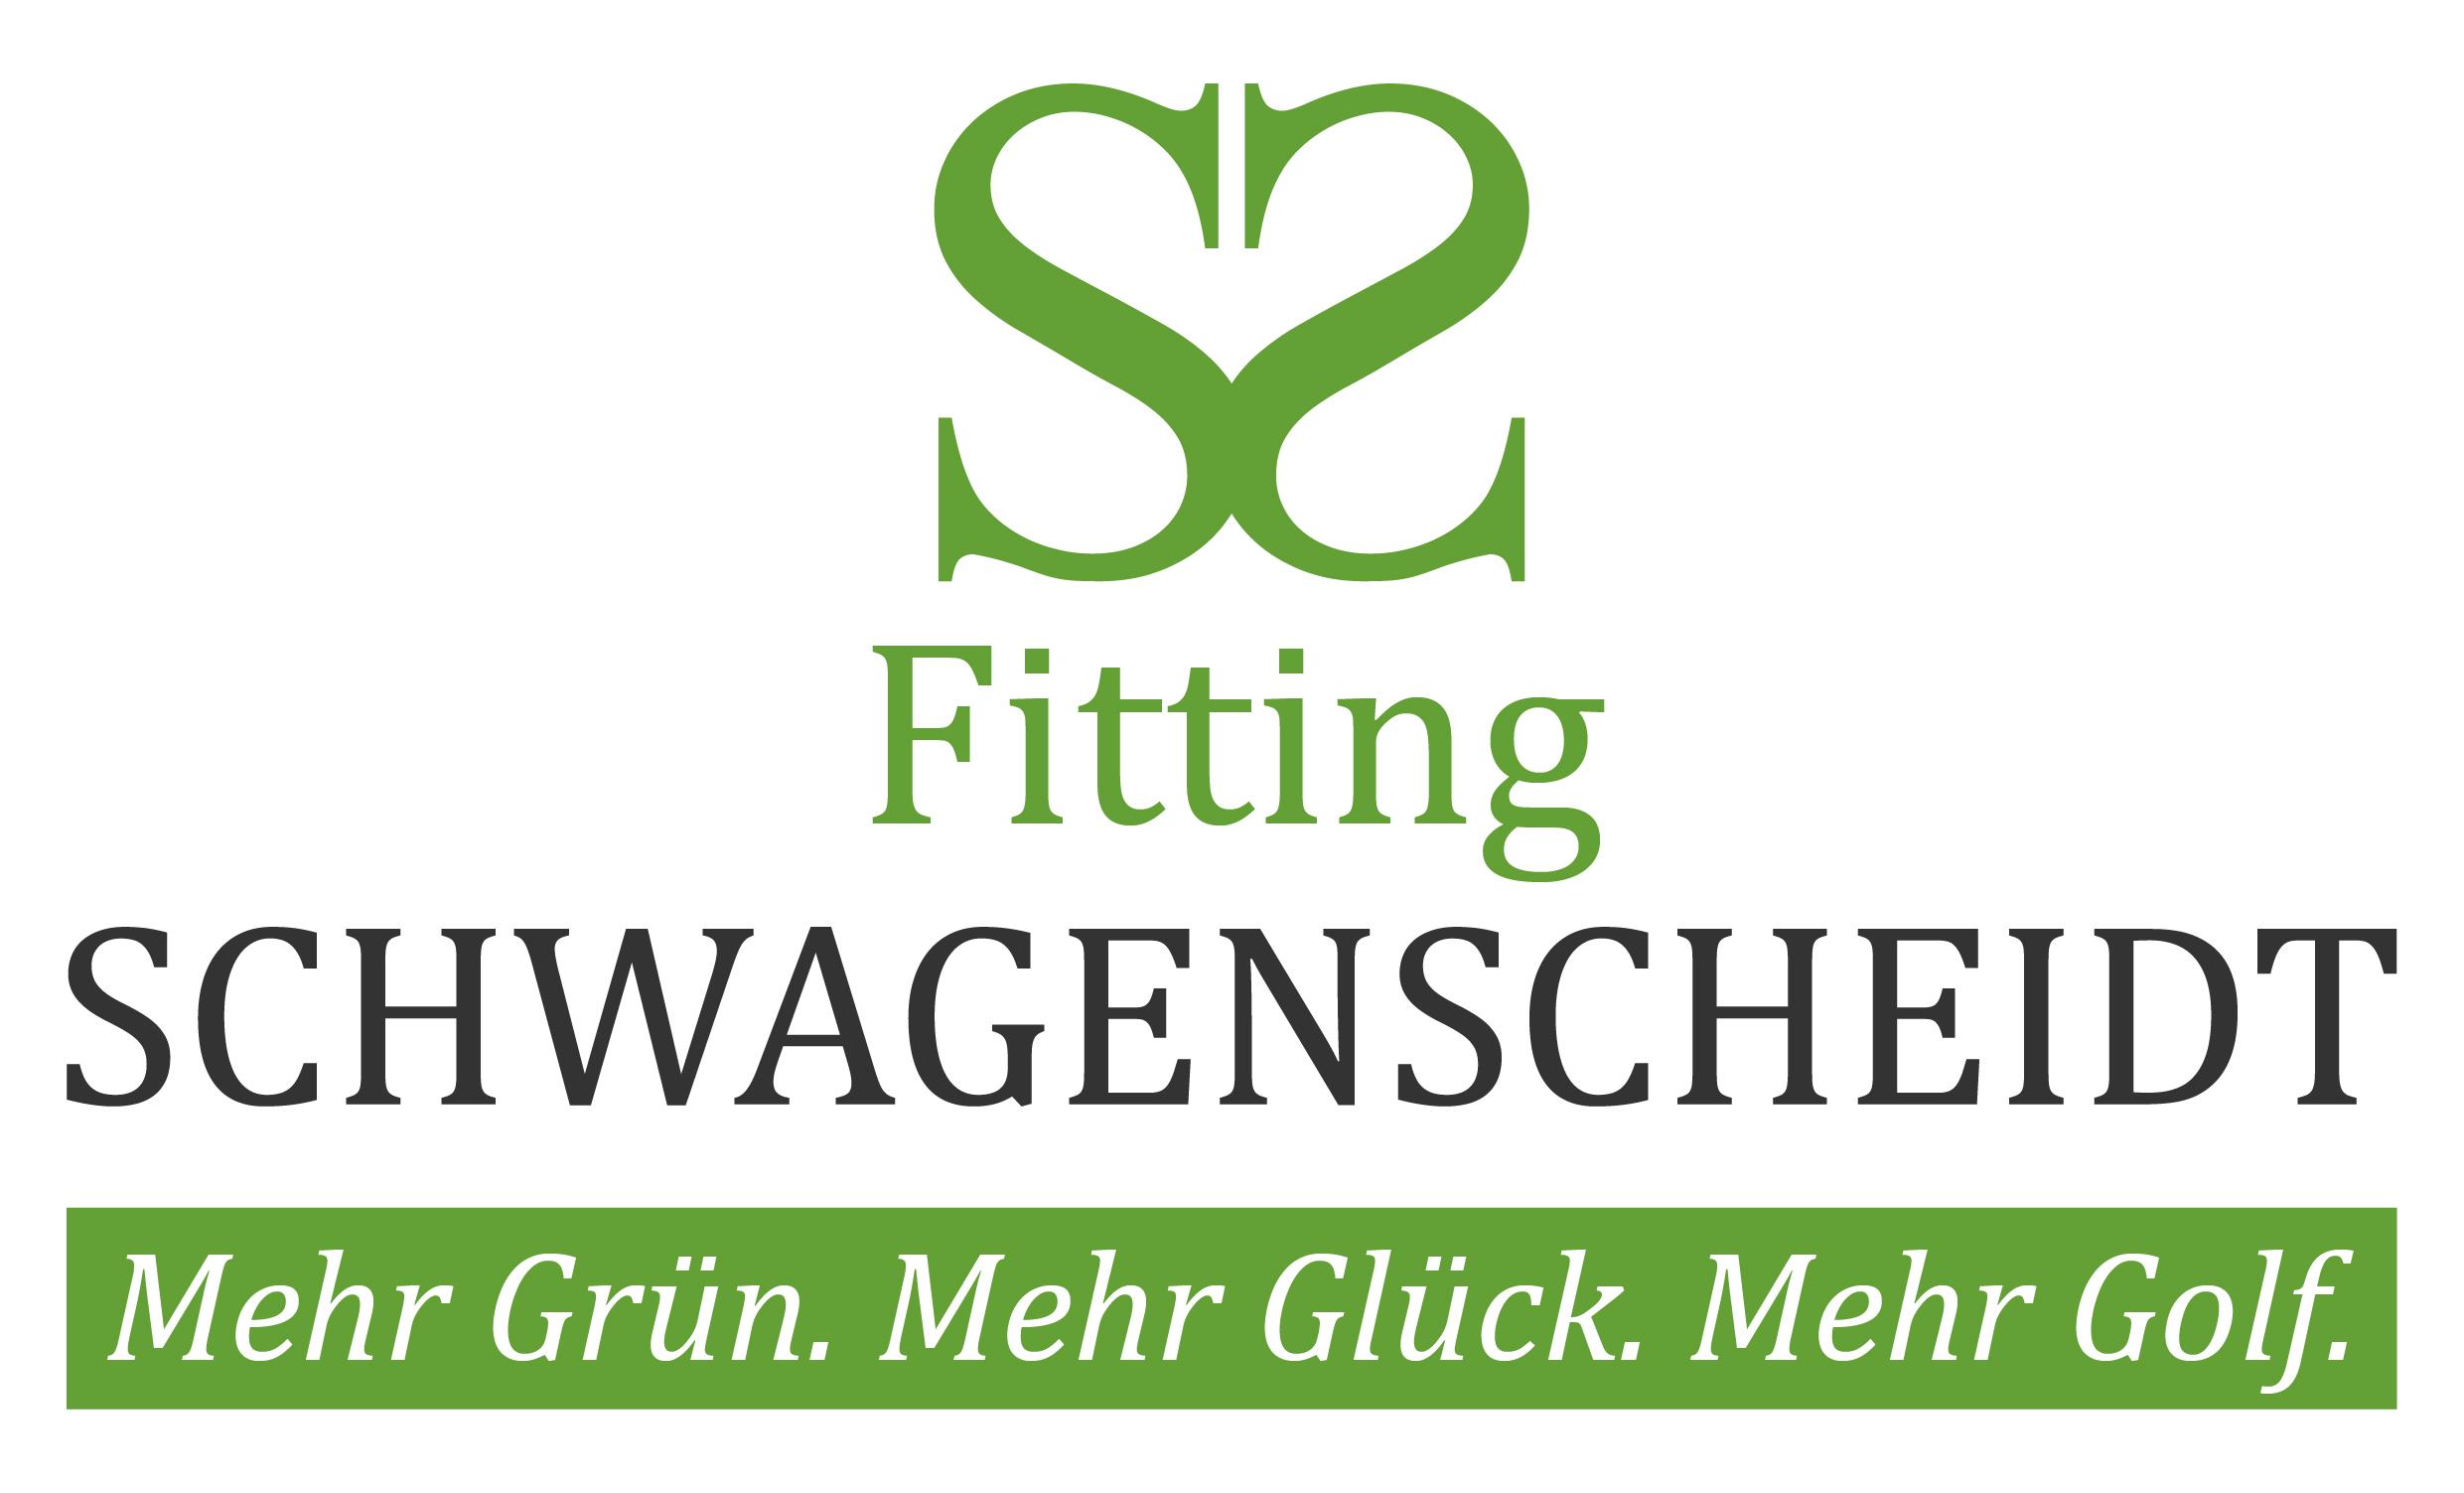 Golfschule-Schwagenscheidt-Fitting